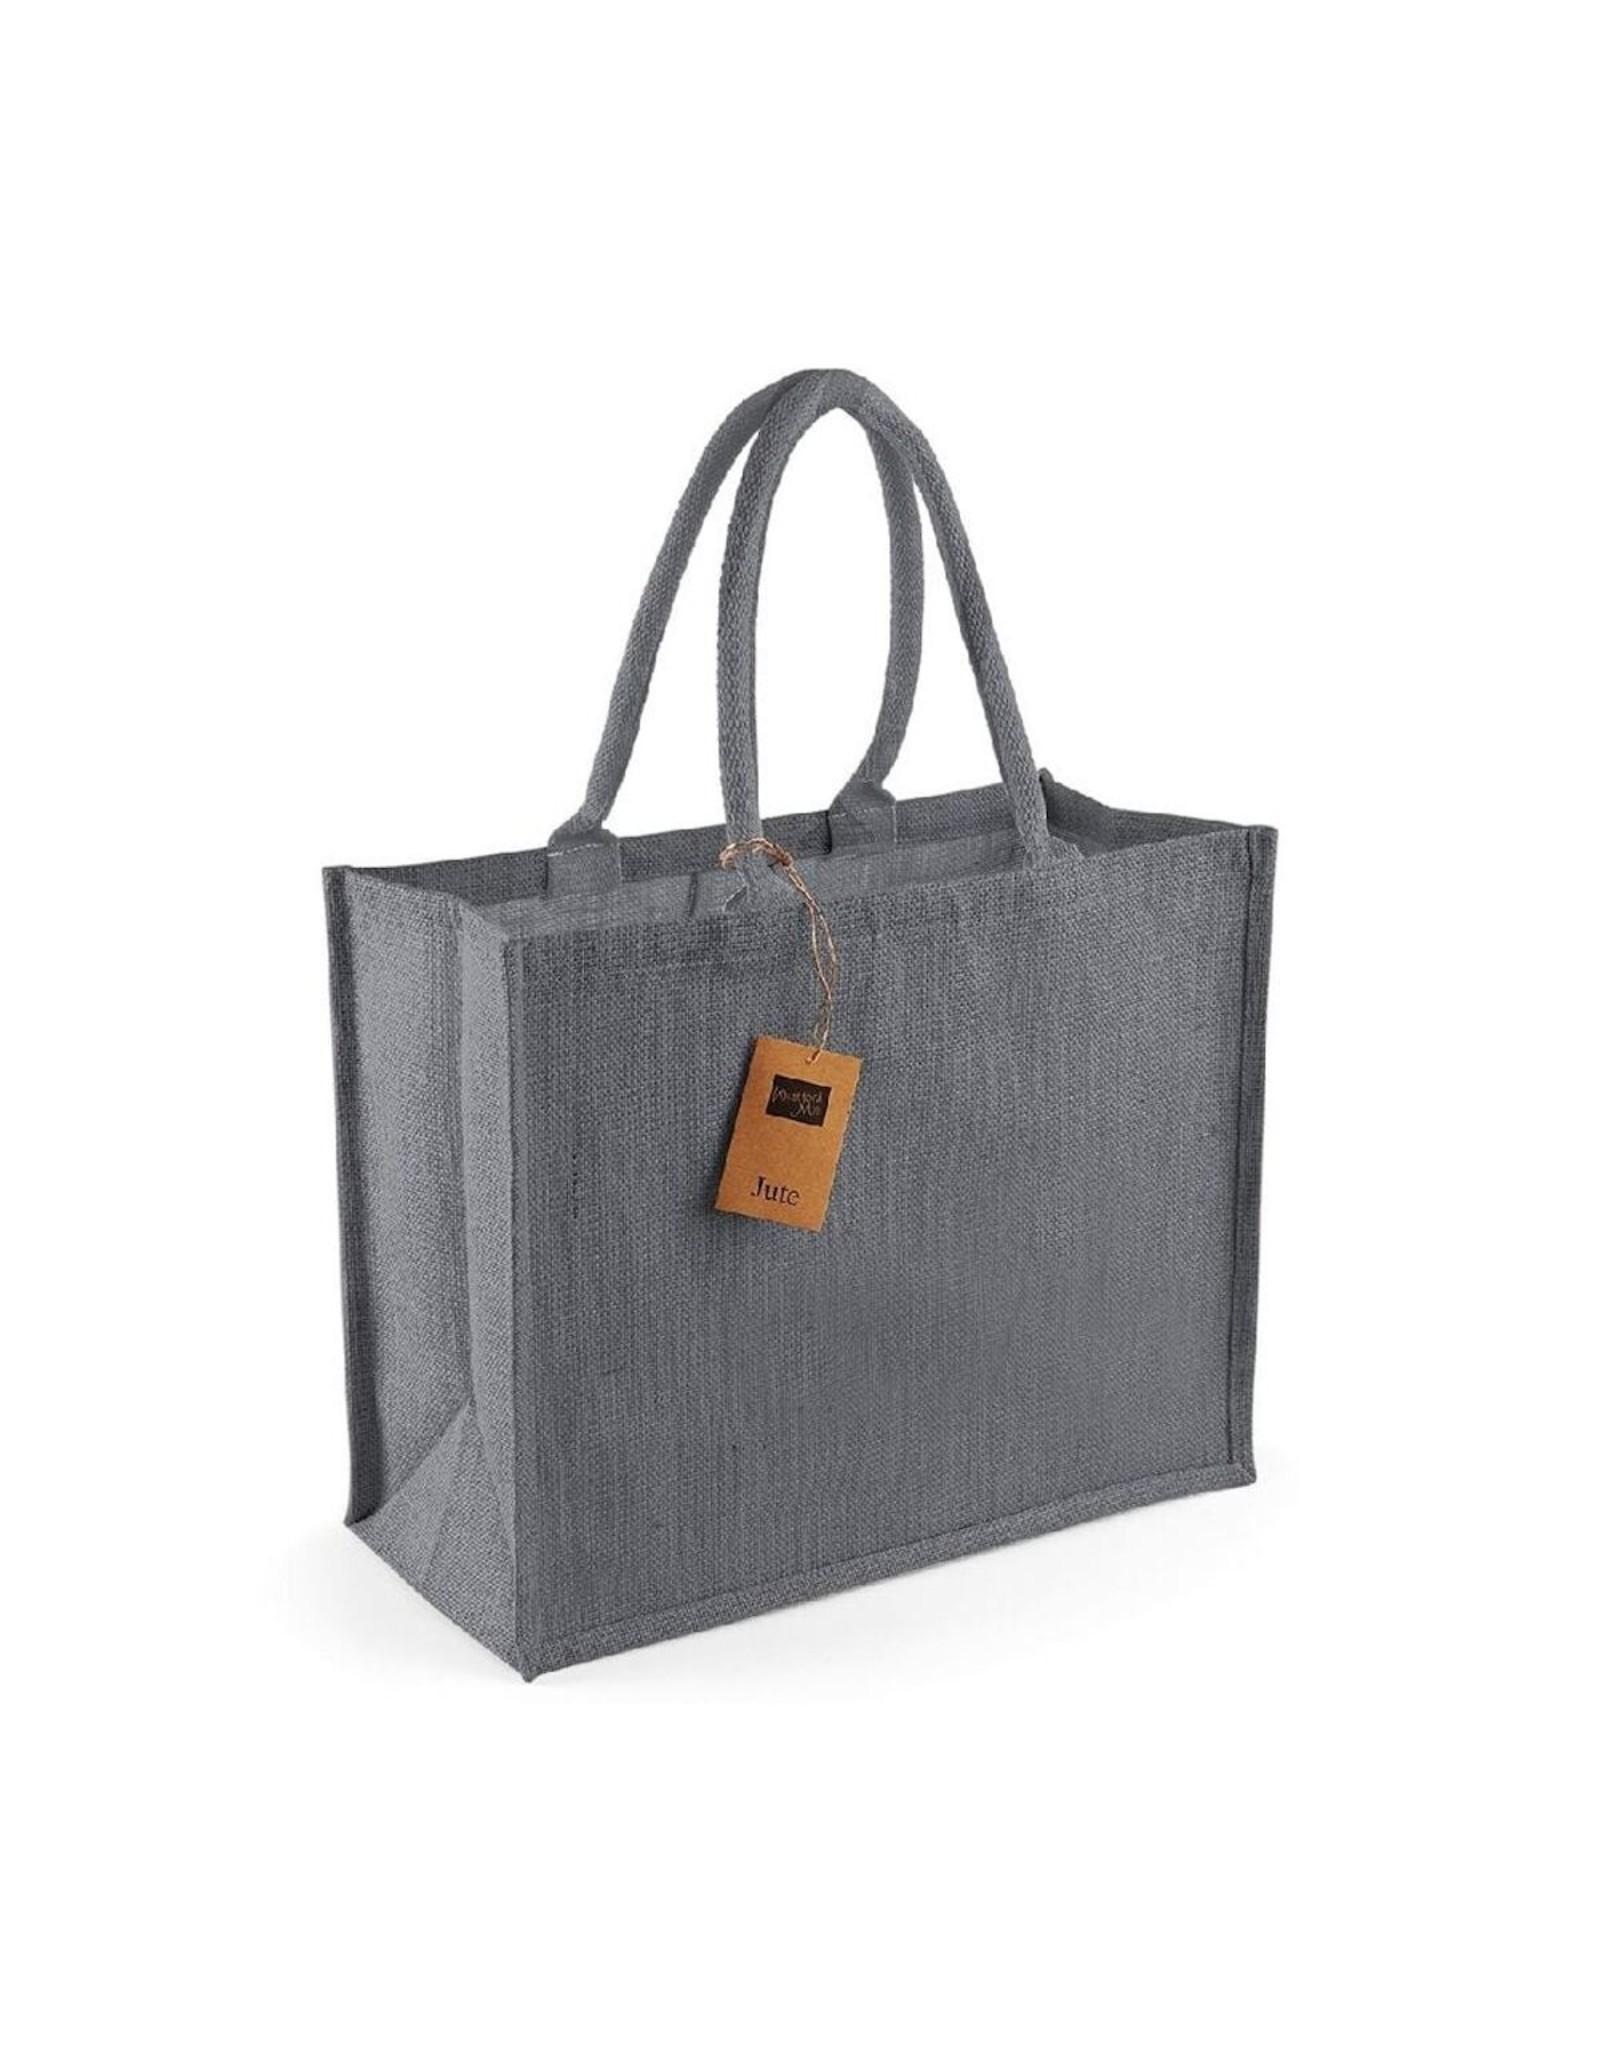 Jute tas (groot) - grijs - grijs